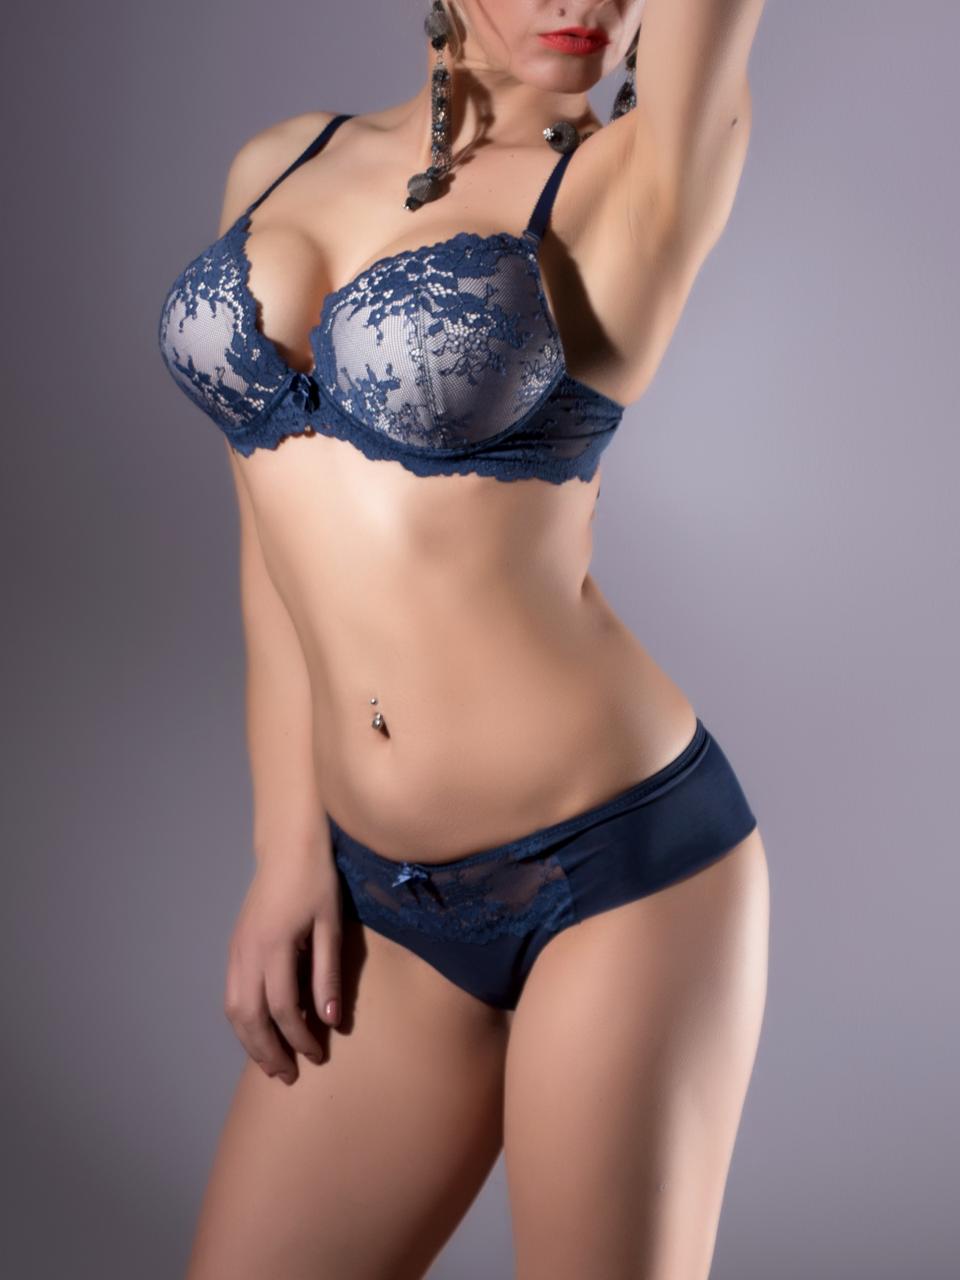 Комплект женского нижнего белья Acousma A6438BC-P6438H, цвет Синий-Пудра, размер 80B-L